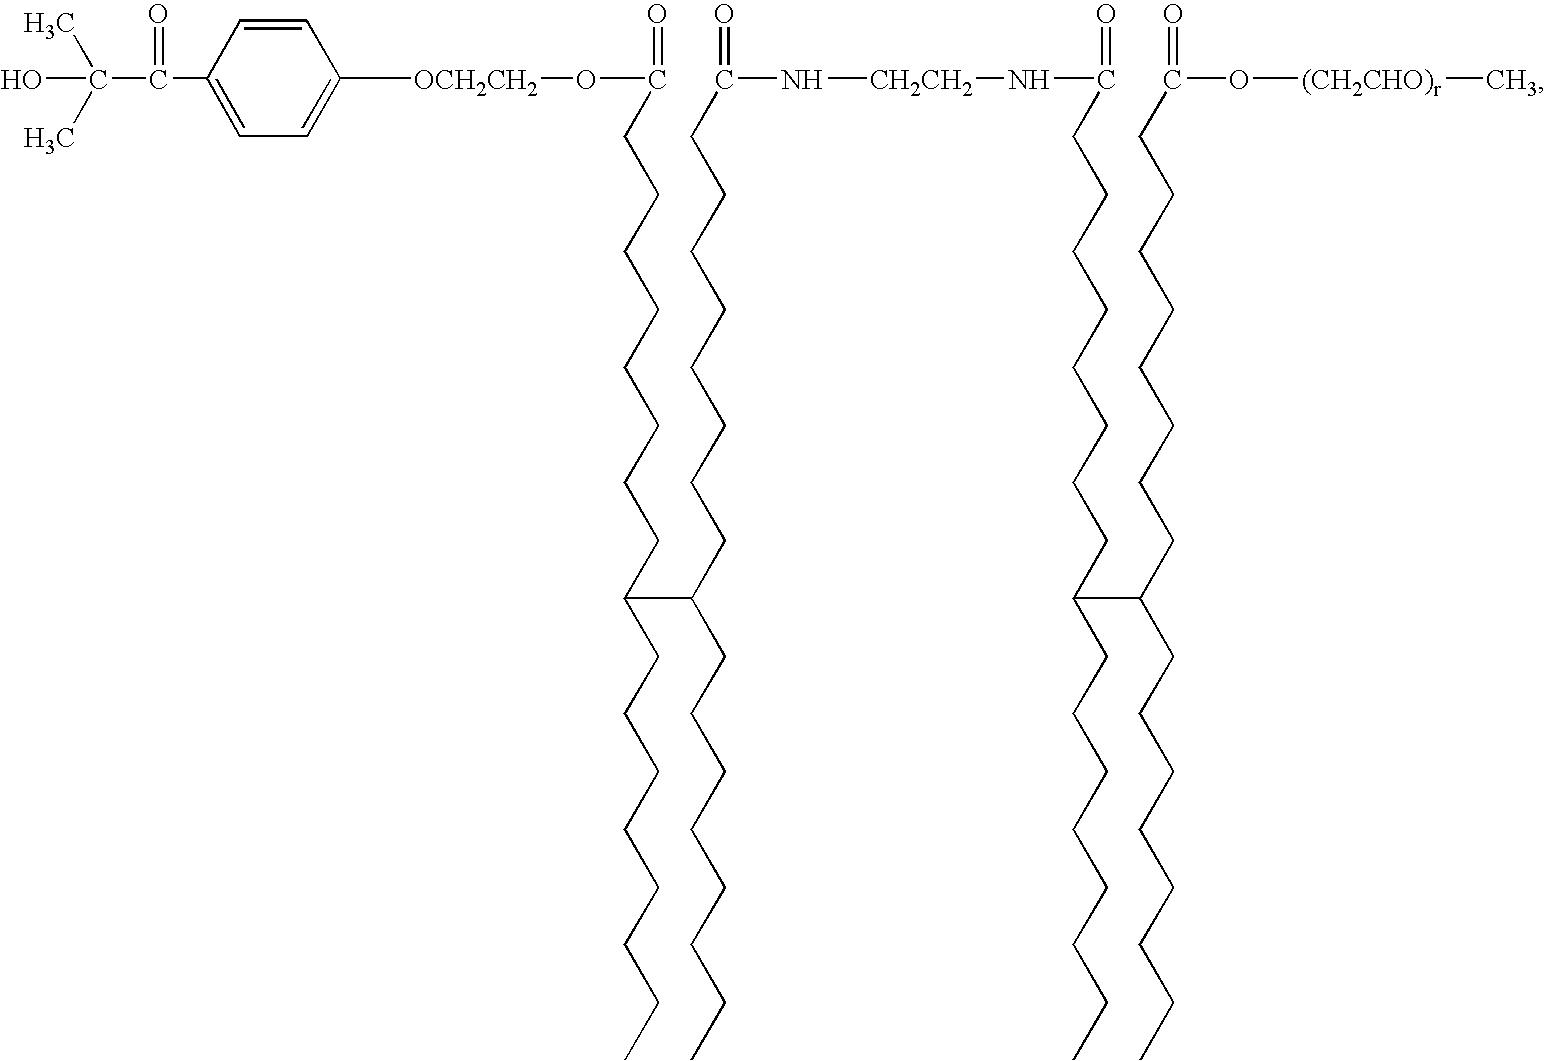 Figure US20070120910A1-20070531-C00030